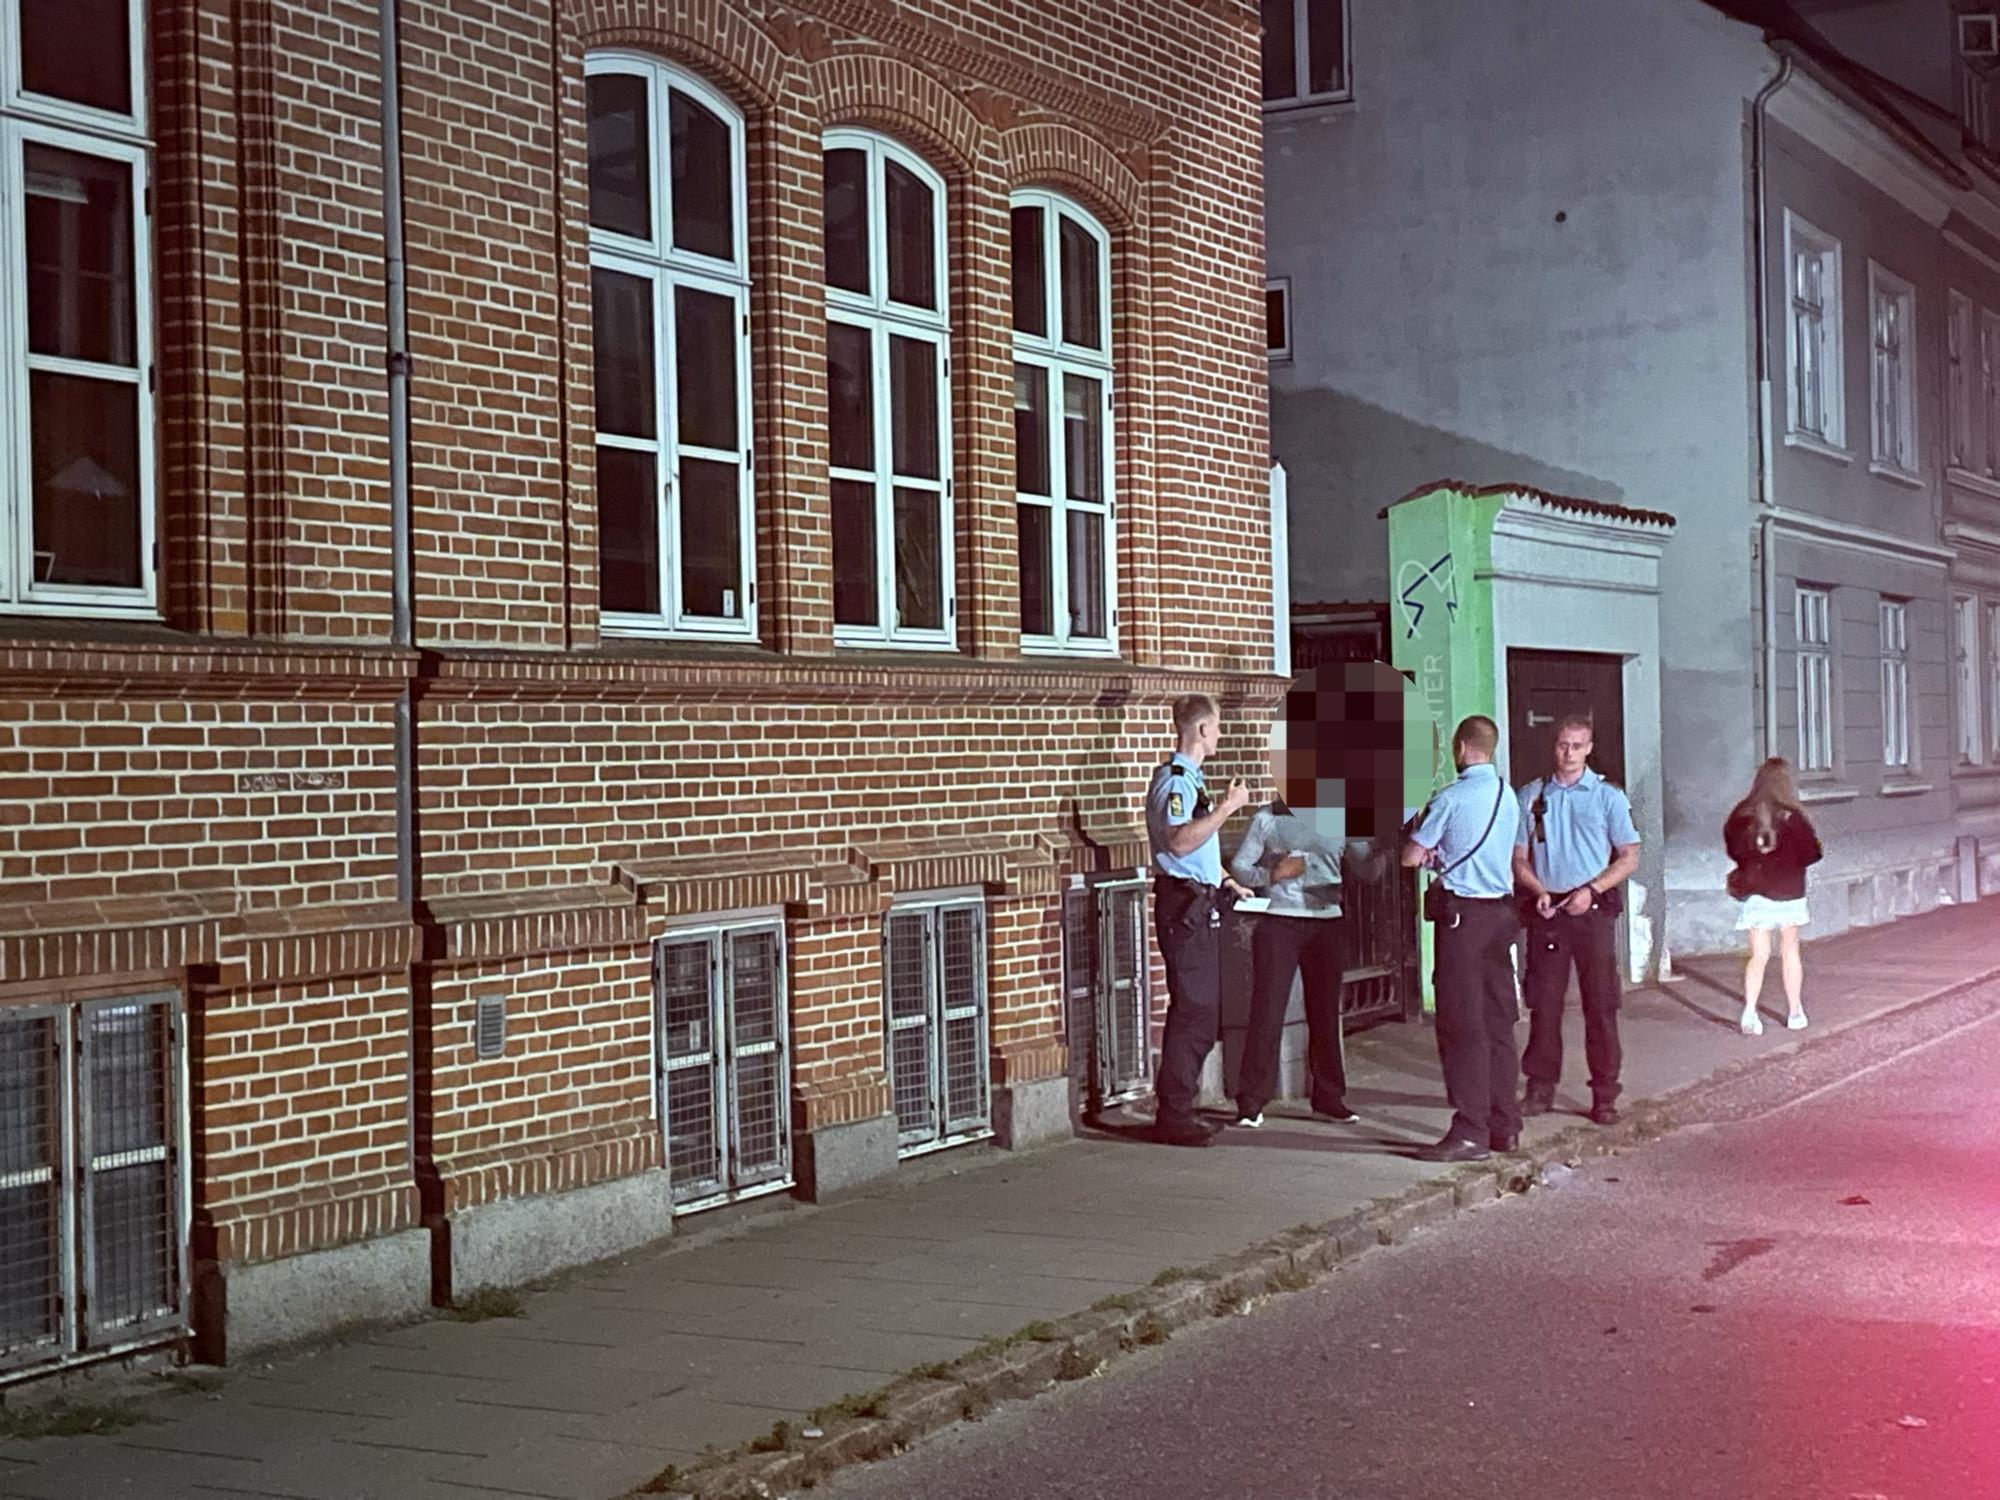 Nattelivet lukker i Silkeborg - Politiet talstærkt tilstede